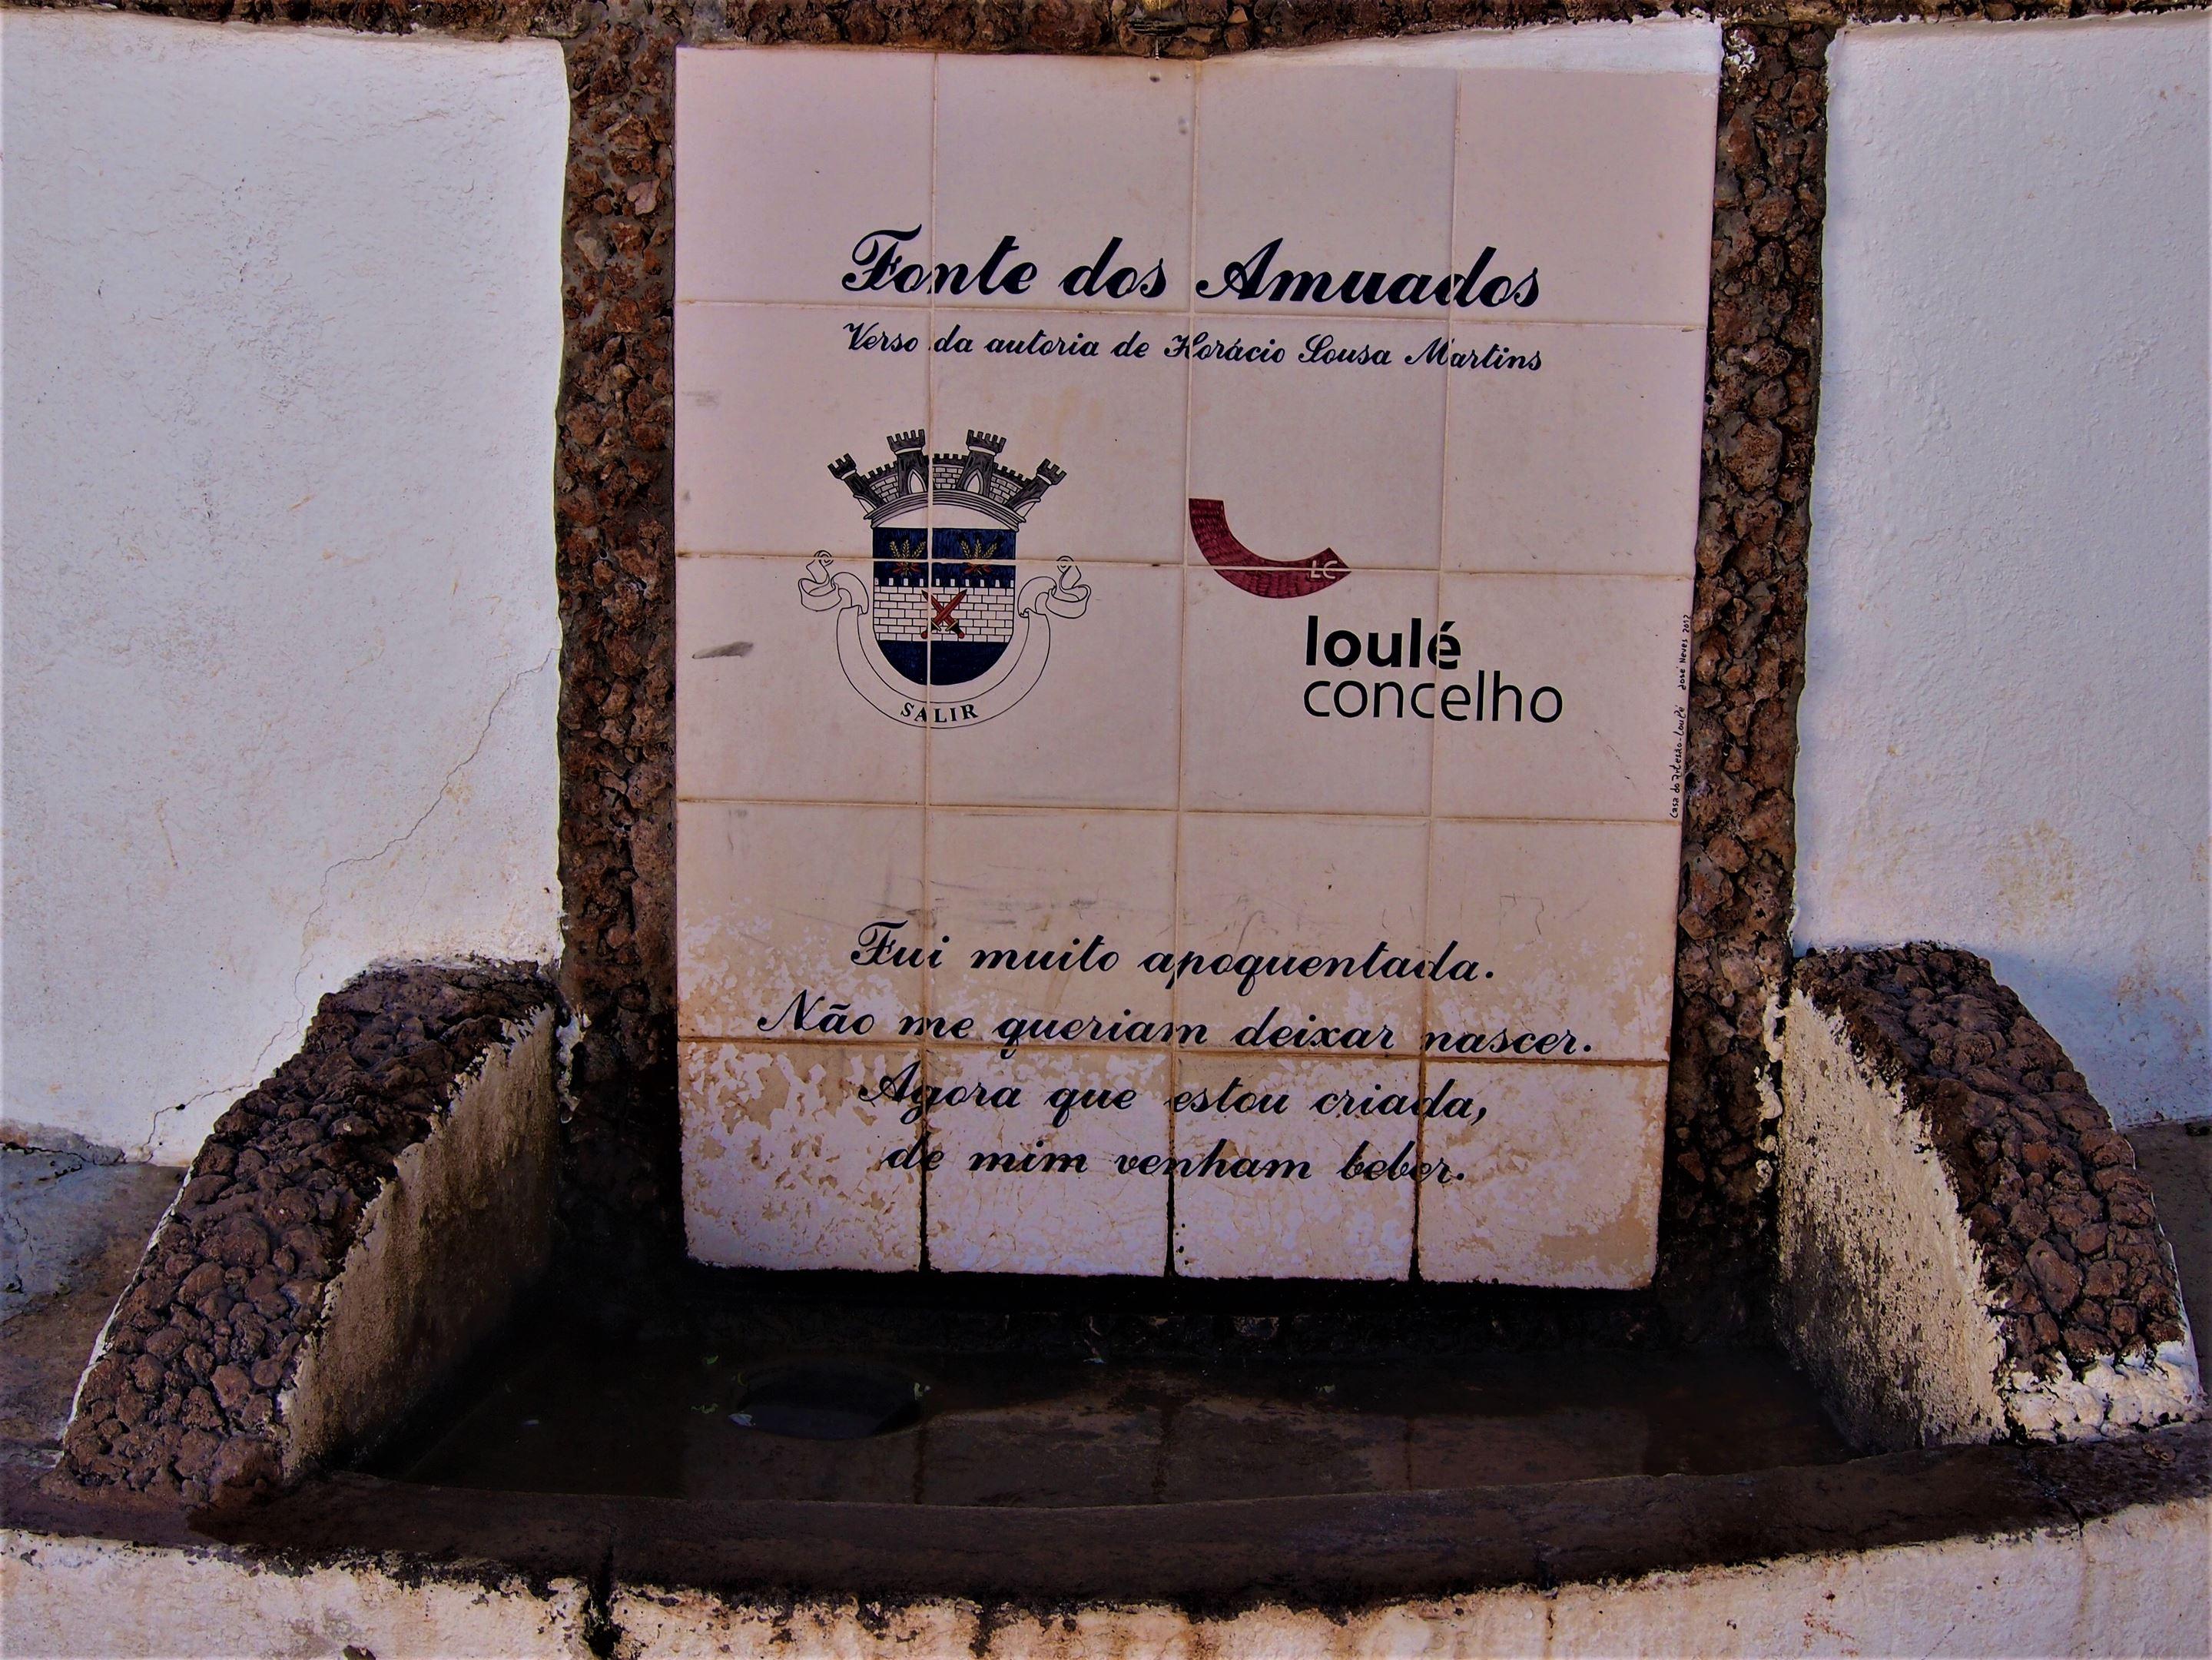 Fonte dos Amuados, a los pies de Rocha da Pena, Alte, Algarve